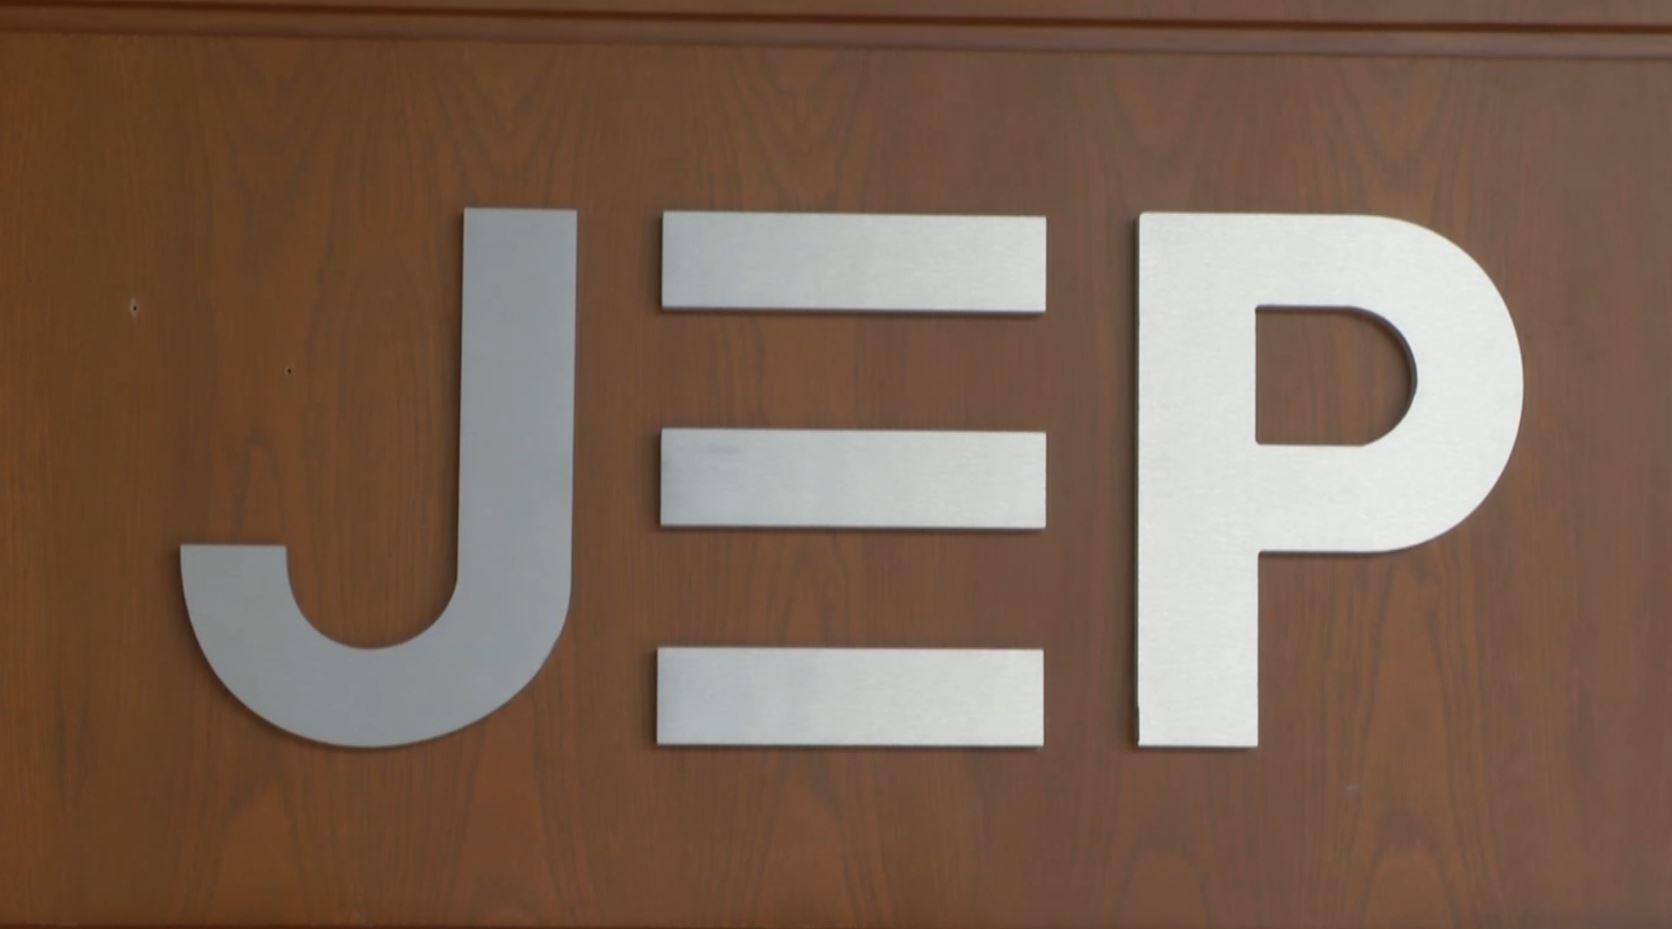 JEP citó a 10 ex-Farc para rendir versión sobre desaparecidos en municipios cerca de Hidroituango